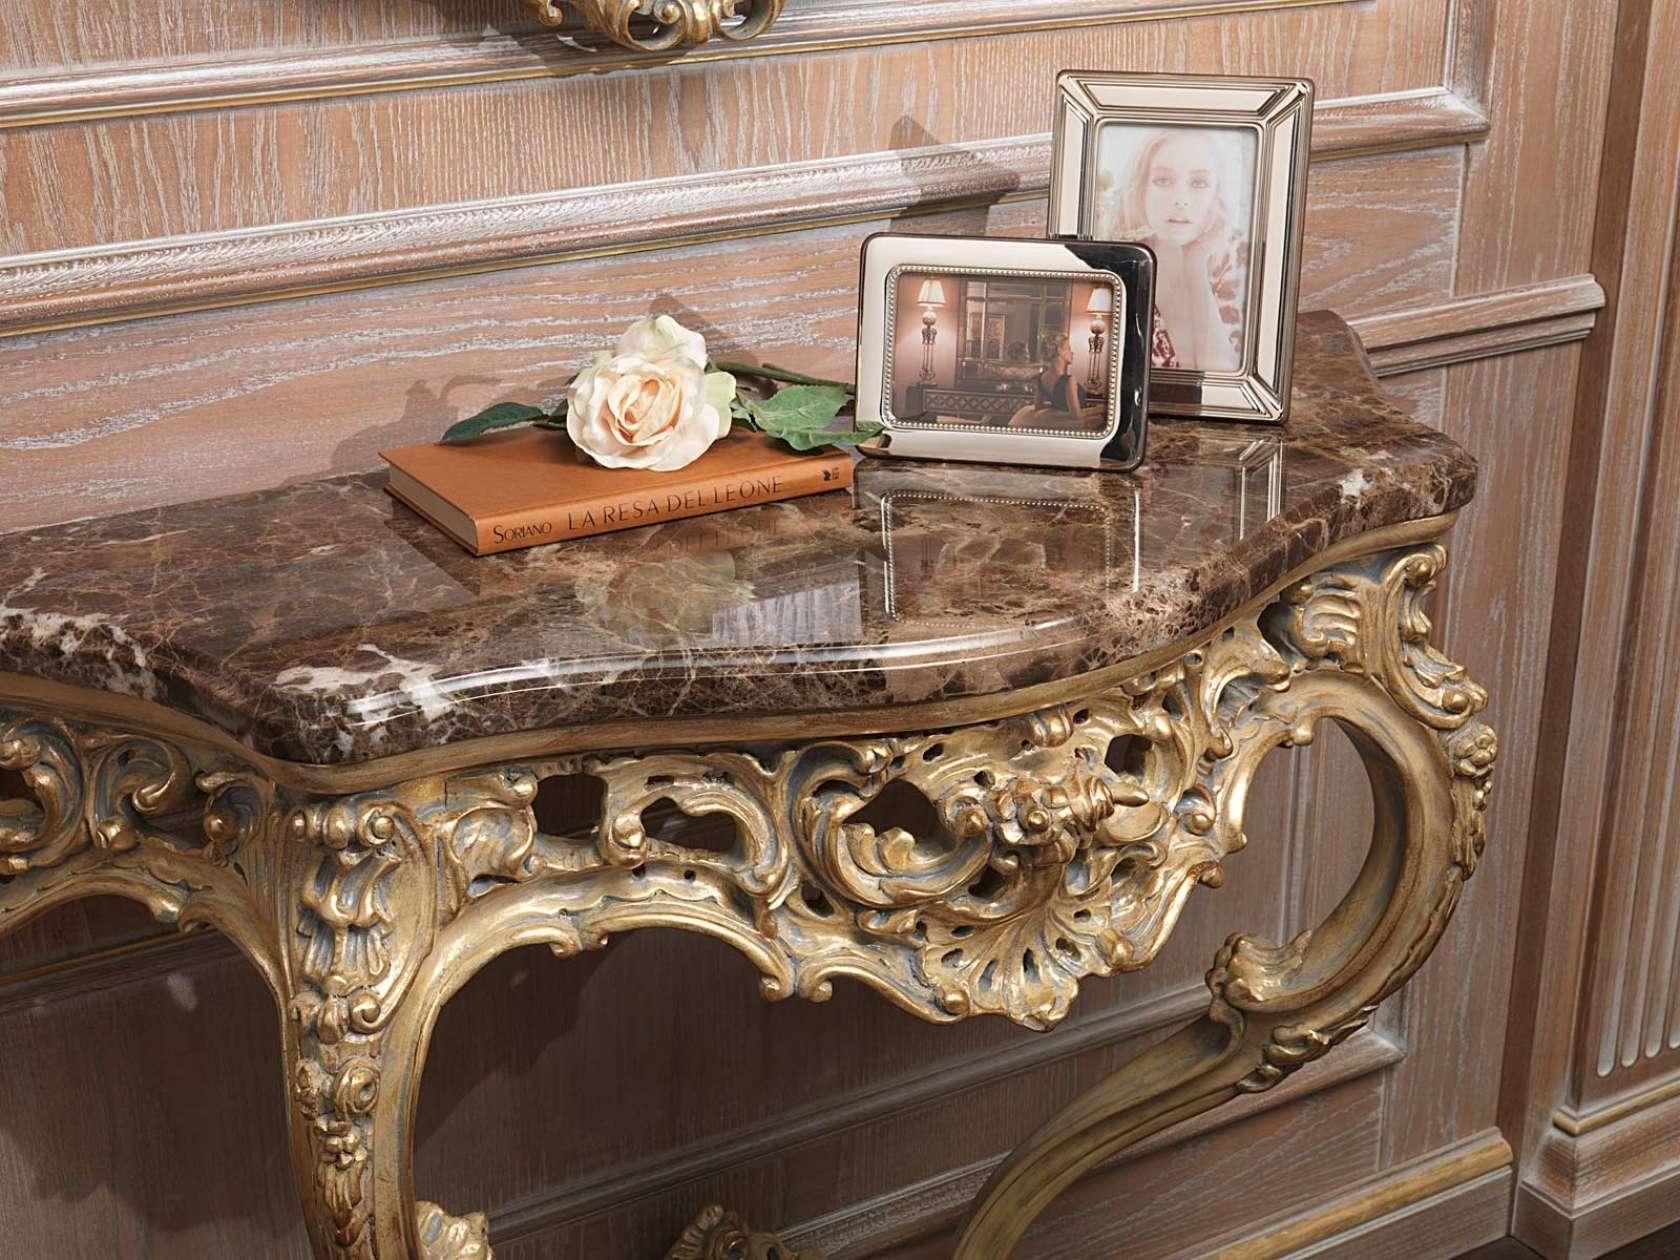 Consolle Classica Intagliata Oro Patinato Grigio Vimercati Meda #965B35 1680 1260 Sala Da Pranzo Online